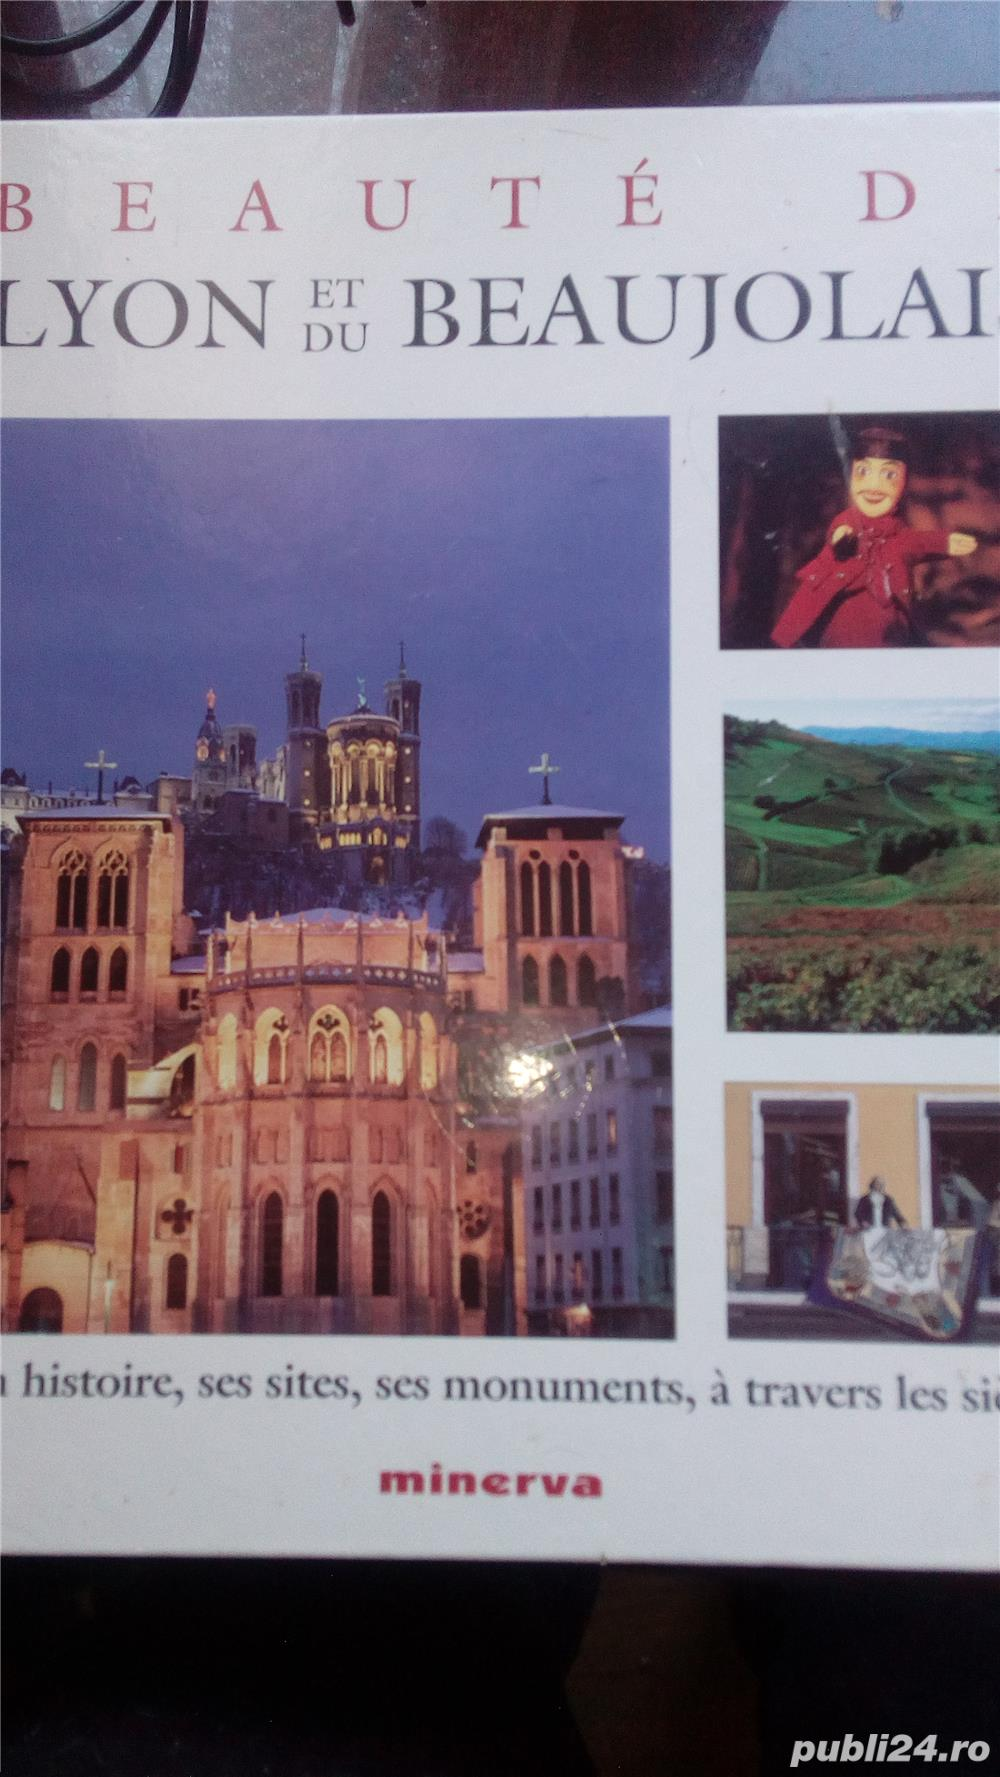 Album beaute de Lyon et du Beaujolais